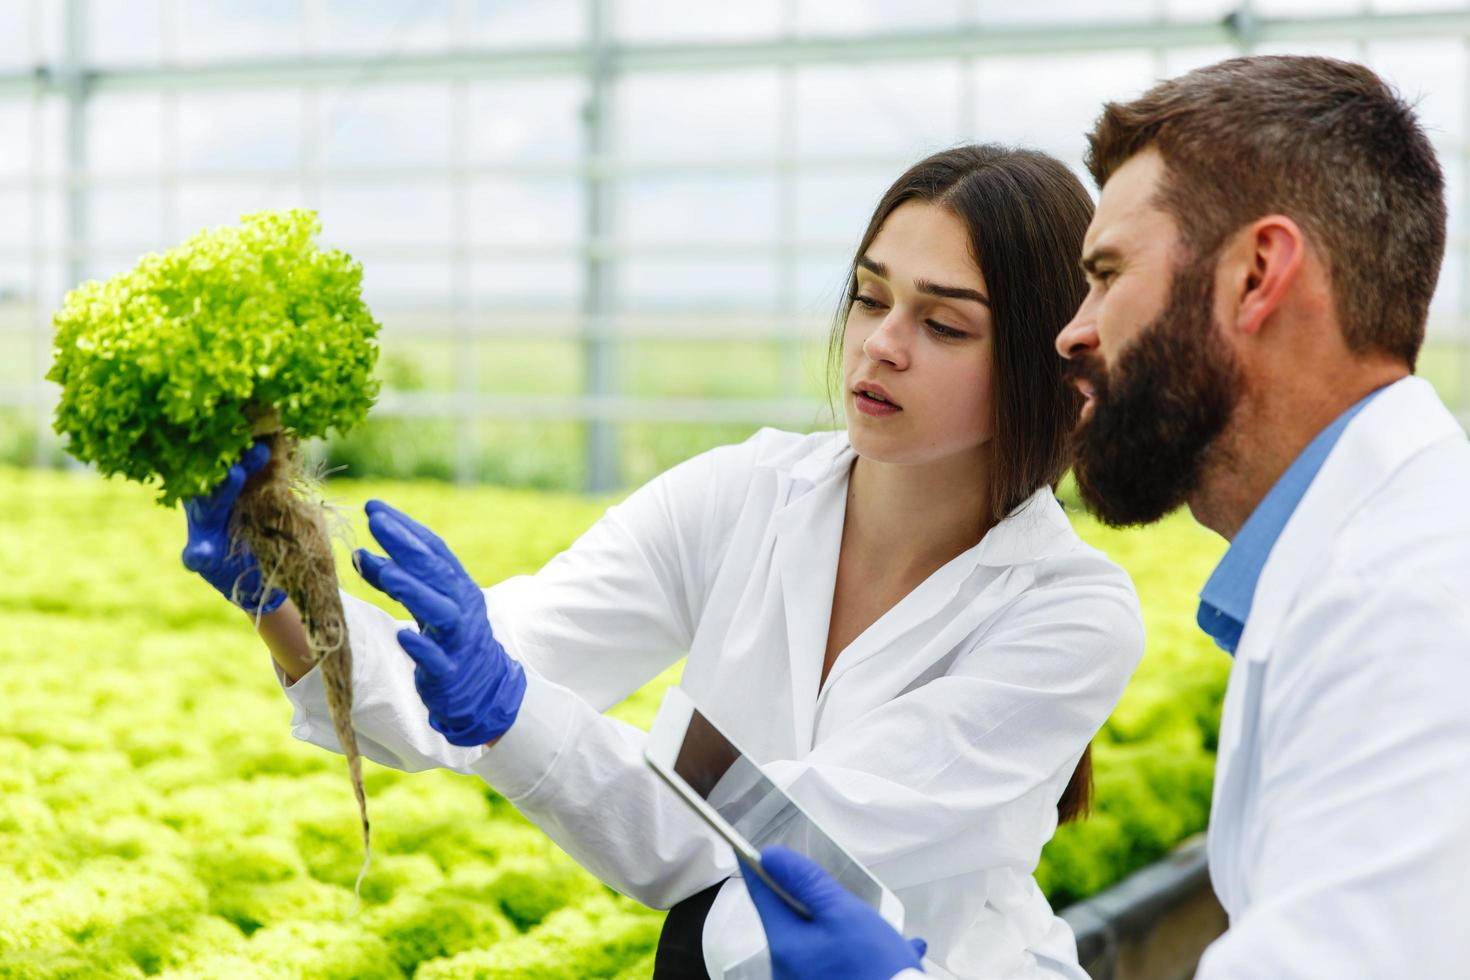 femme et homme en robe de laboratoire photo